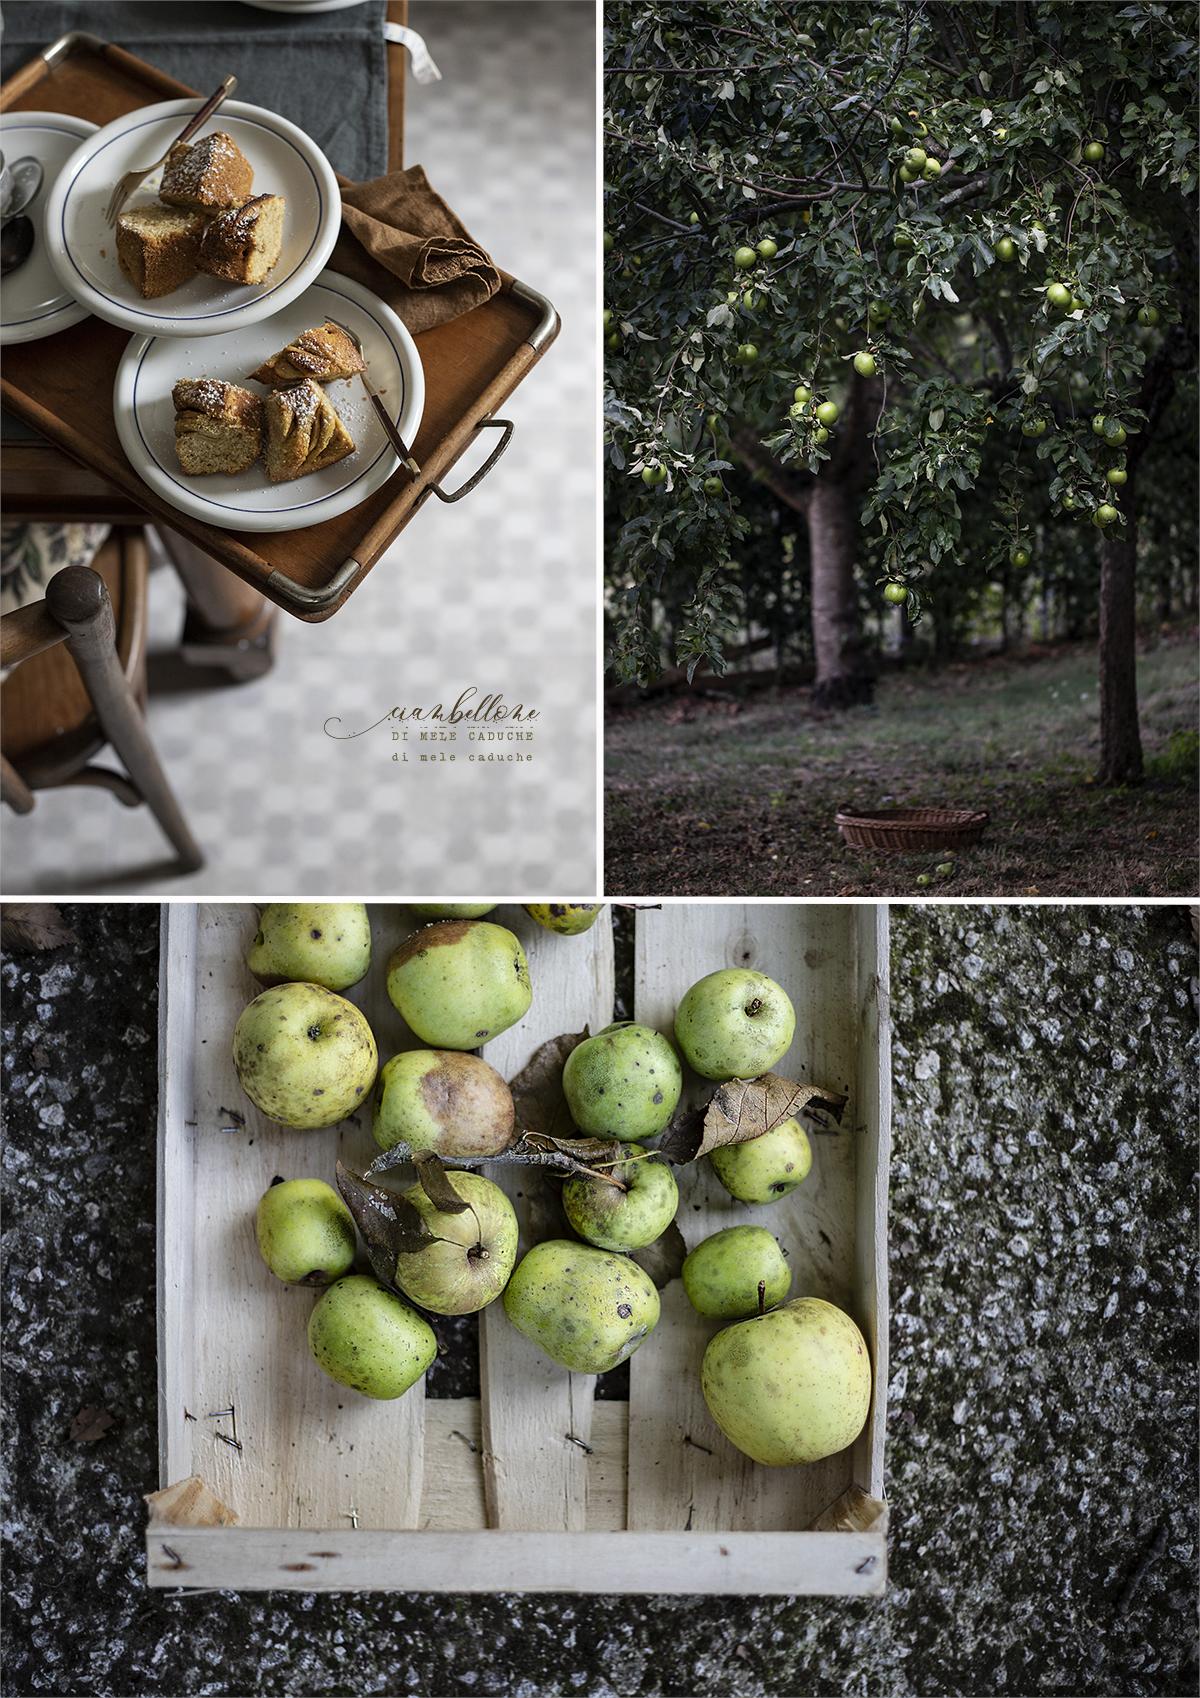 Ciambellone di mele caduche